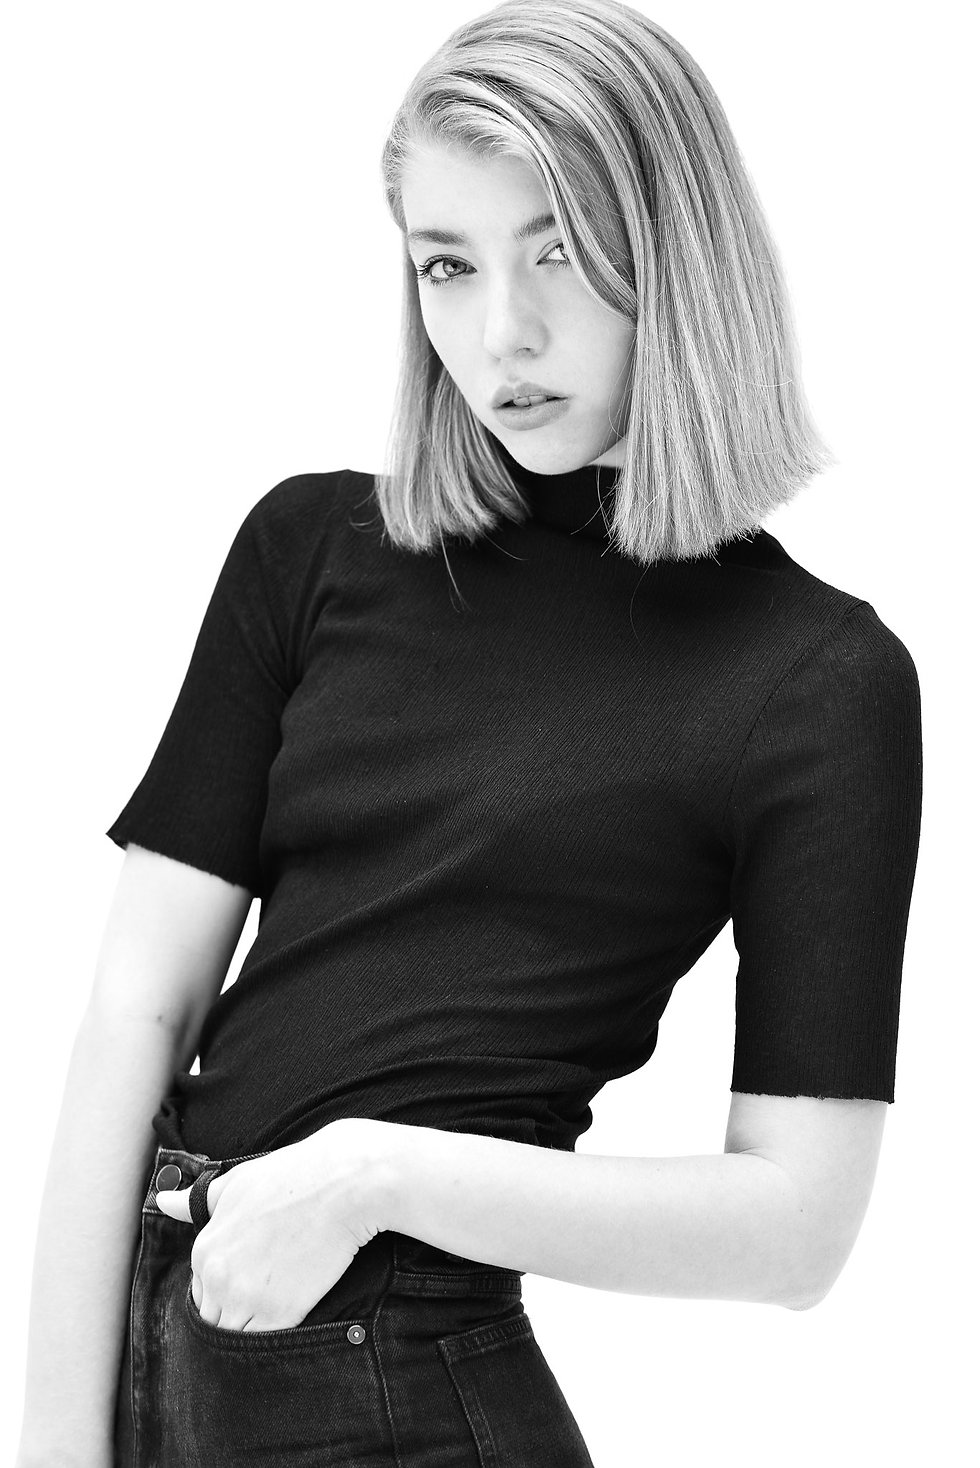 Division & WKD Model Management Casting